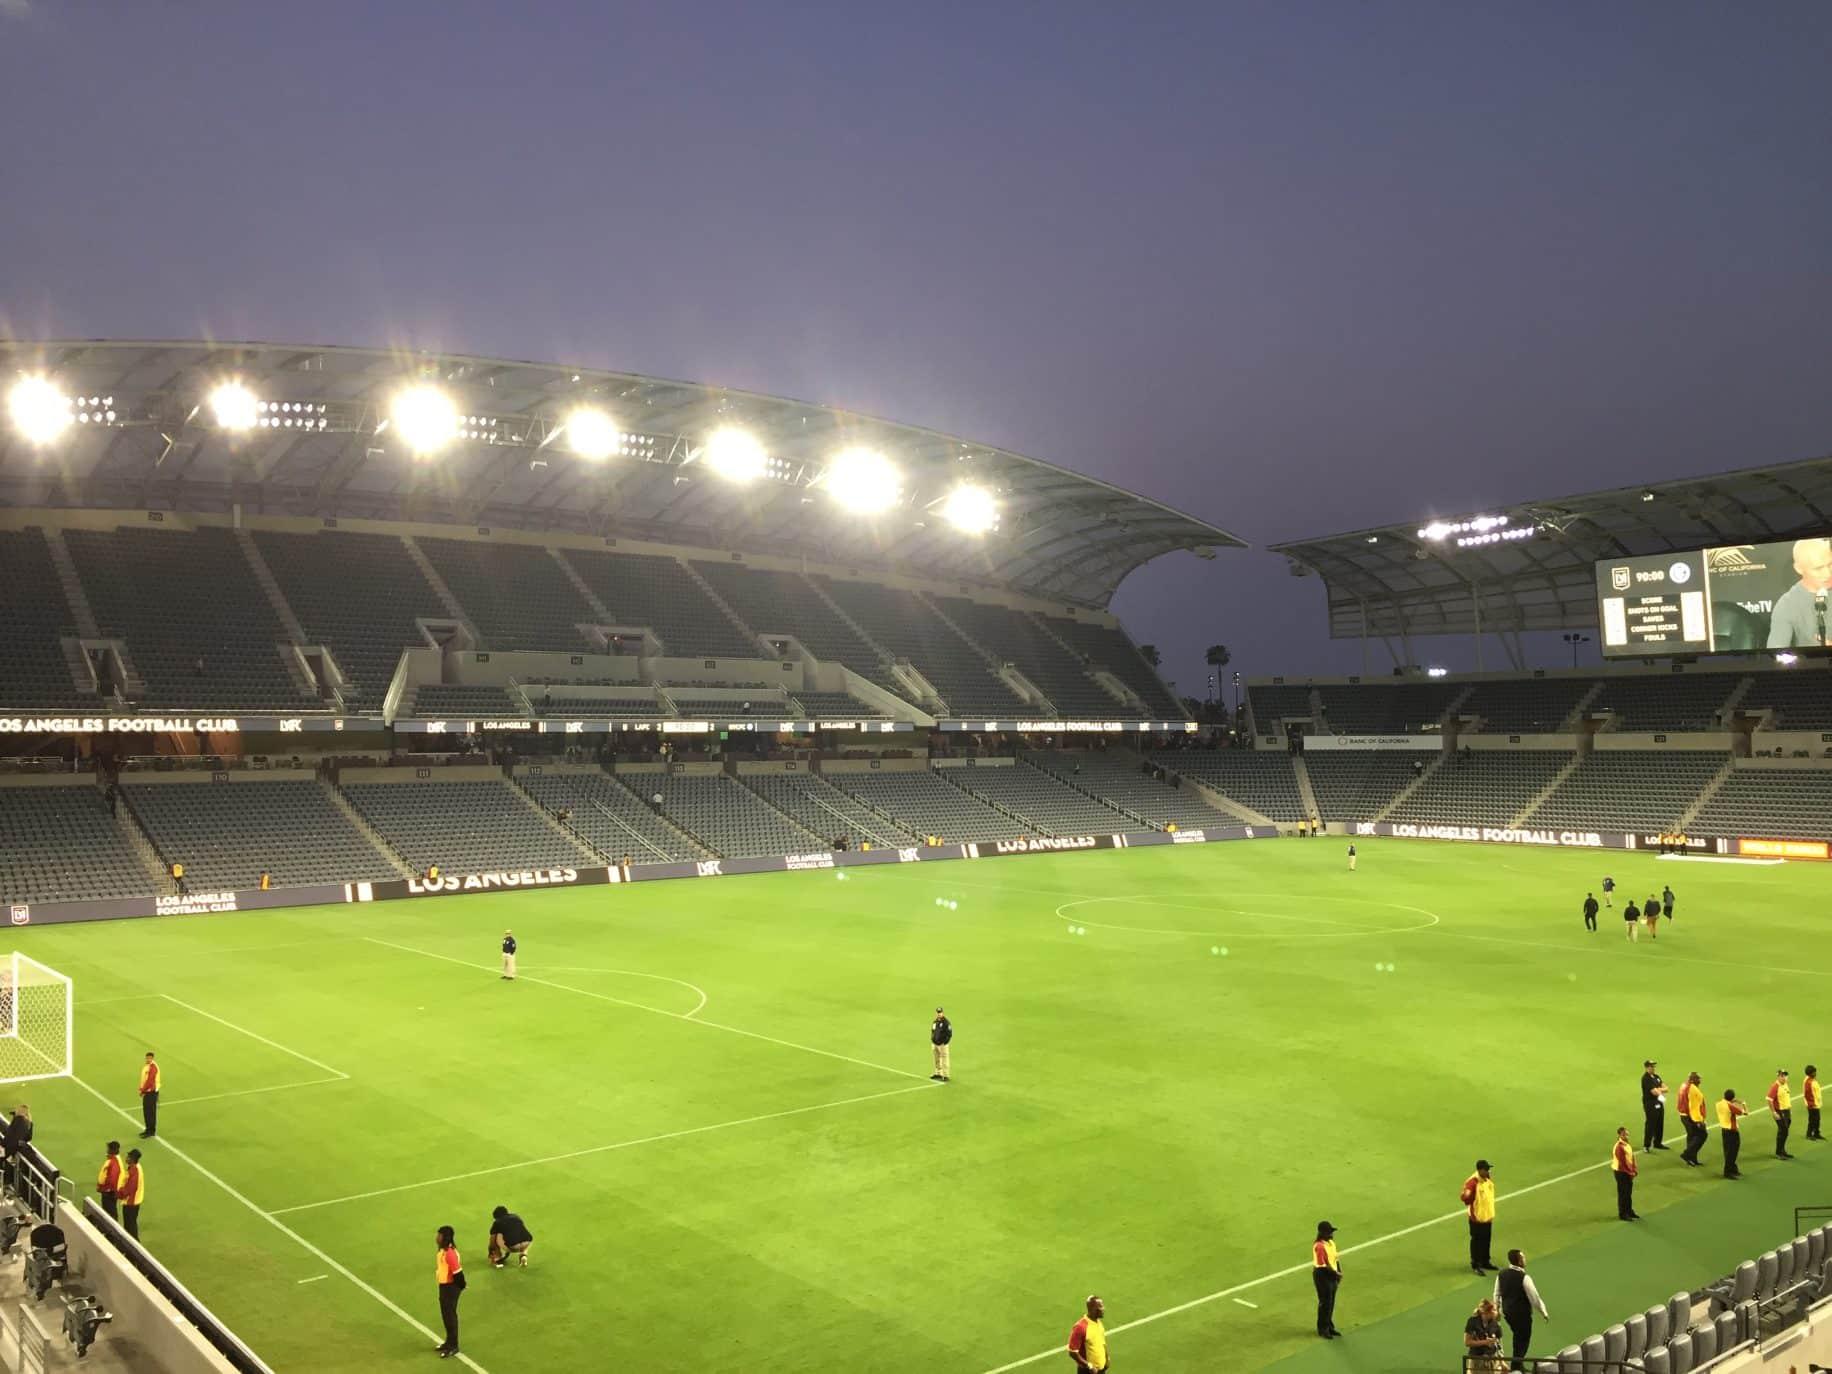 Battle For The West And The Hearts Of LA: LA Galaxy Vs. LAFC